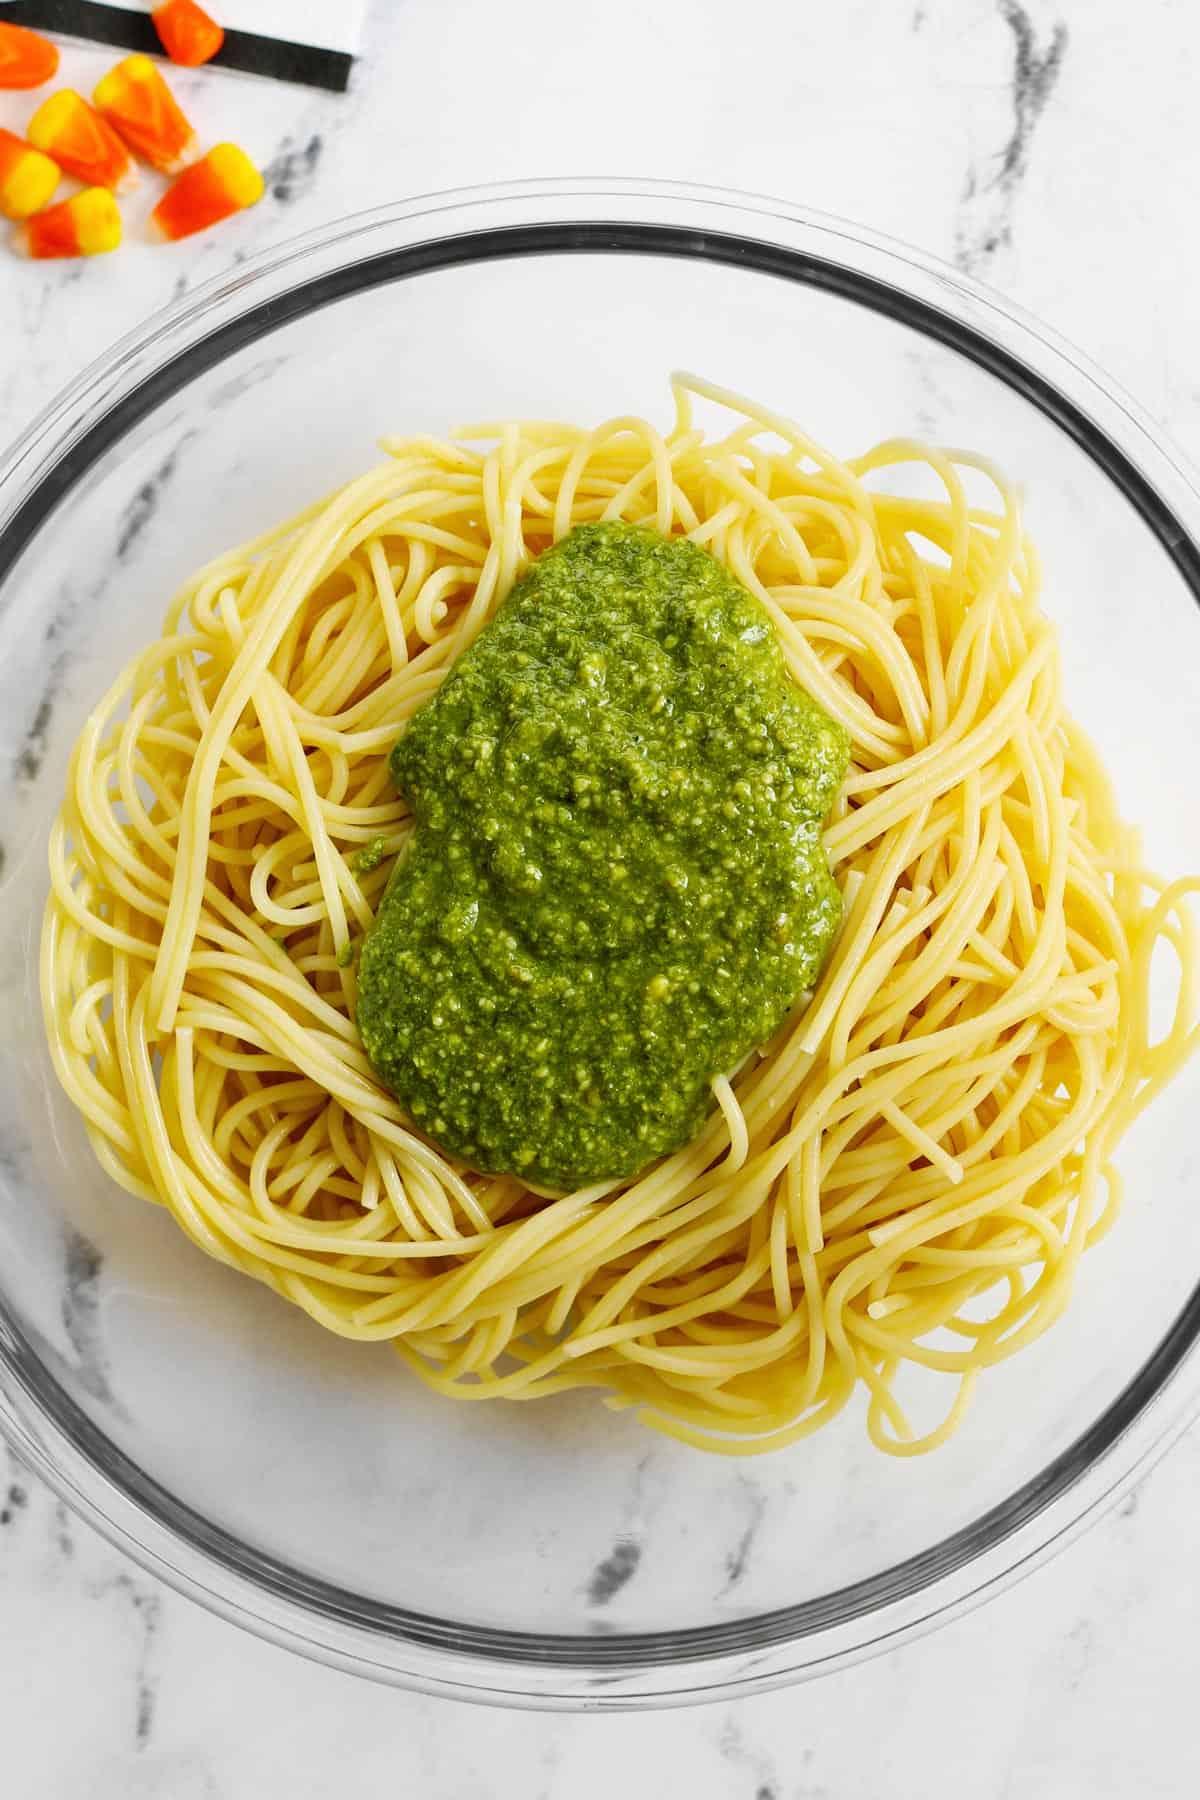 Pesto over spaghetti in a bowl